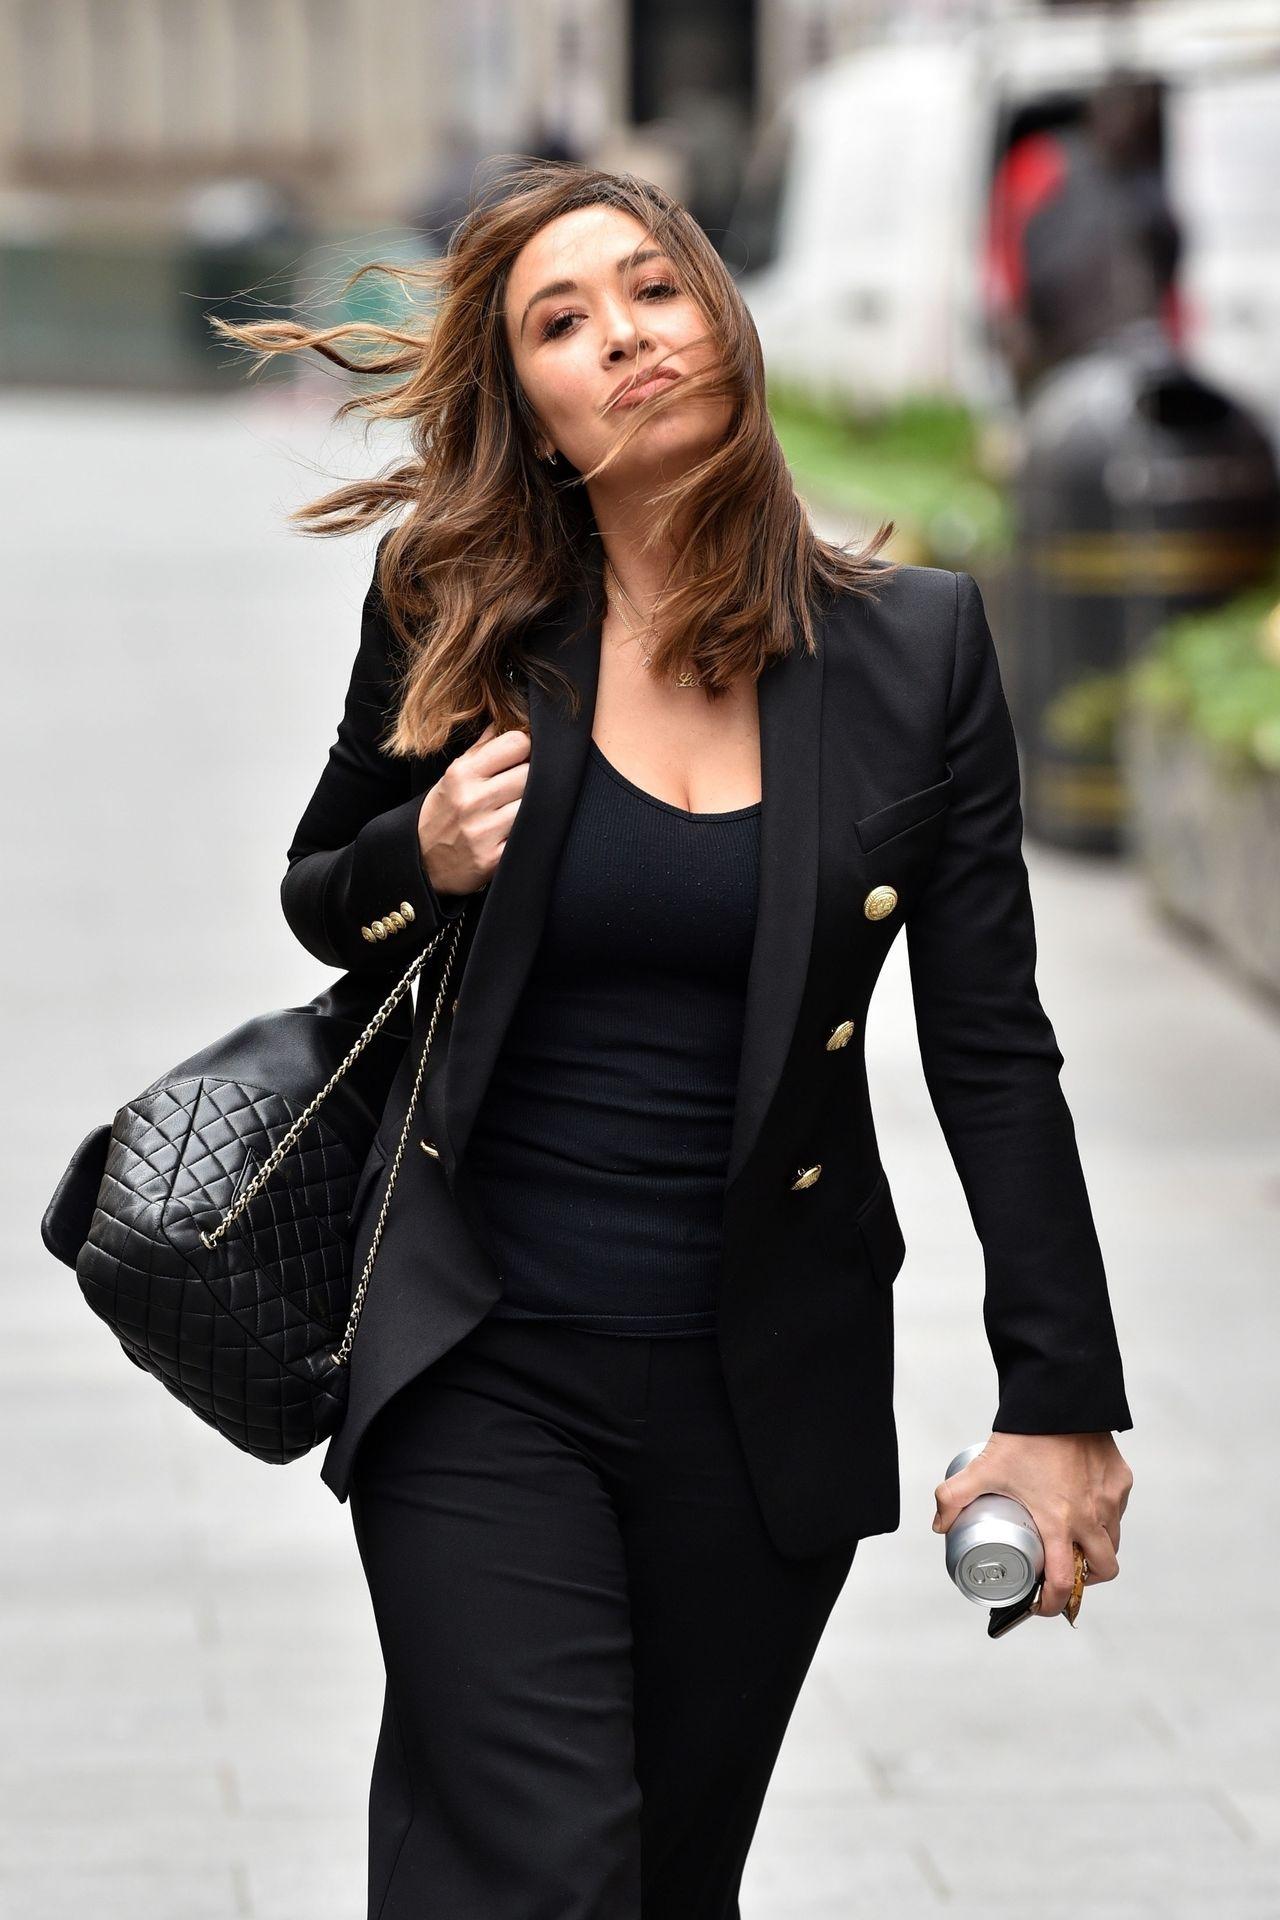 Myleene Klass Looks Hot In All Black In London 0011